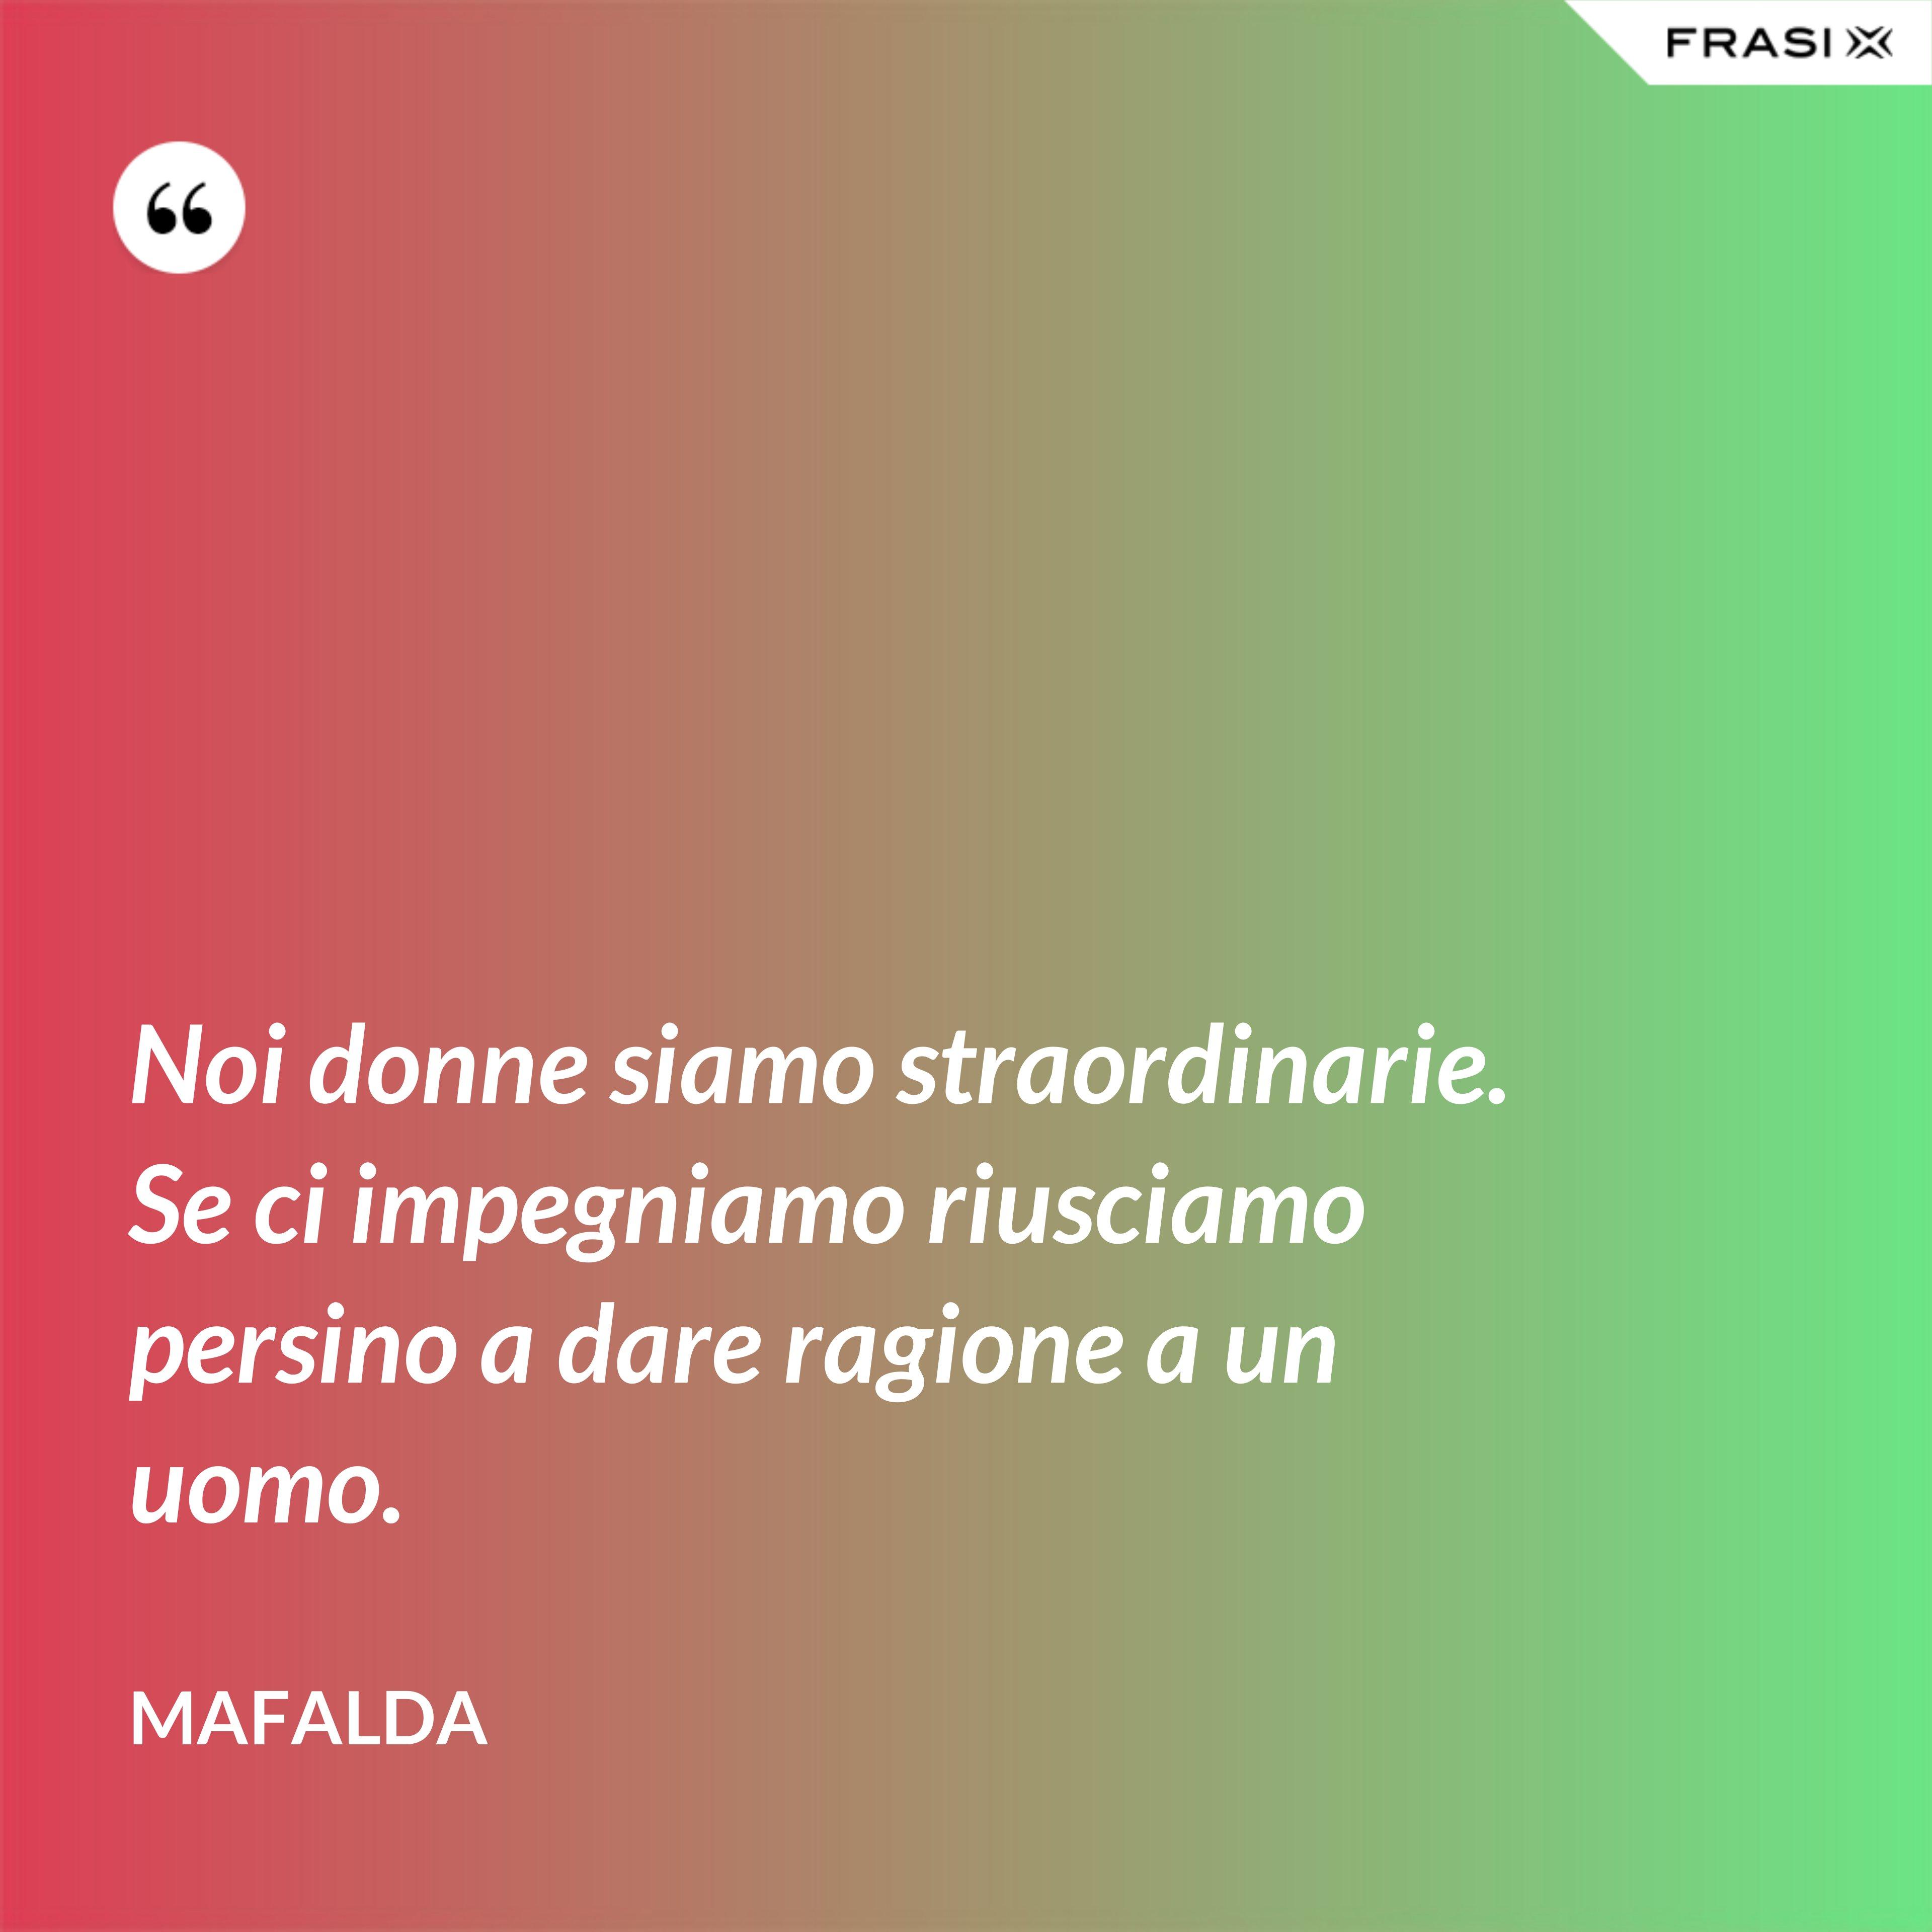 Noi donne siamo straordinarie. Se ci impegniamo riusciamo persino a dare ragione a un uomo. - Mafalda